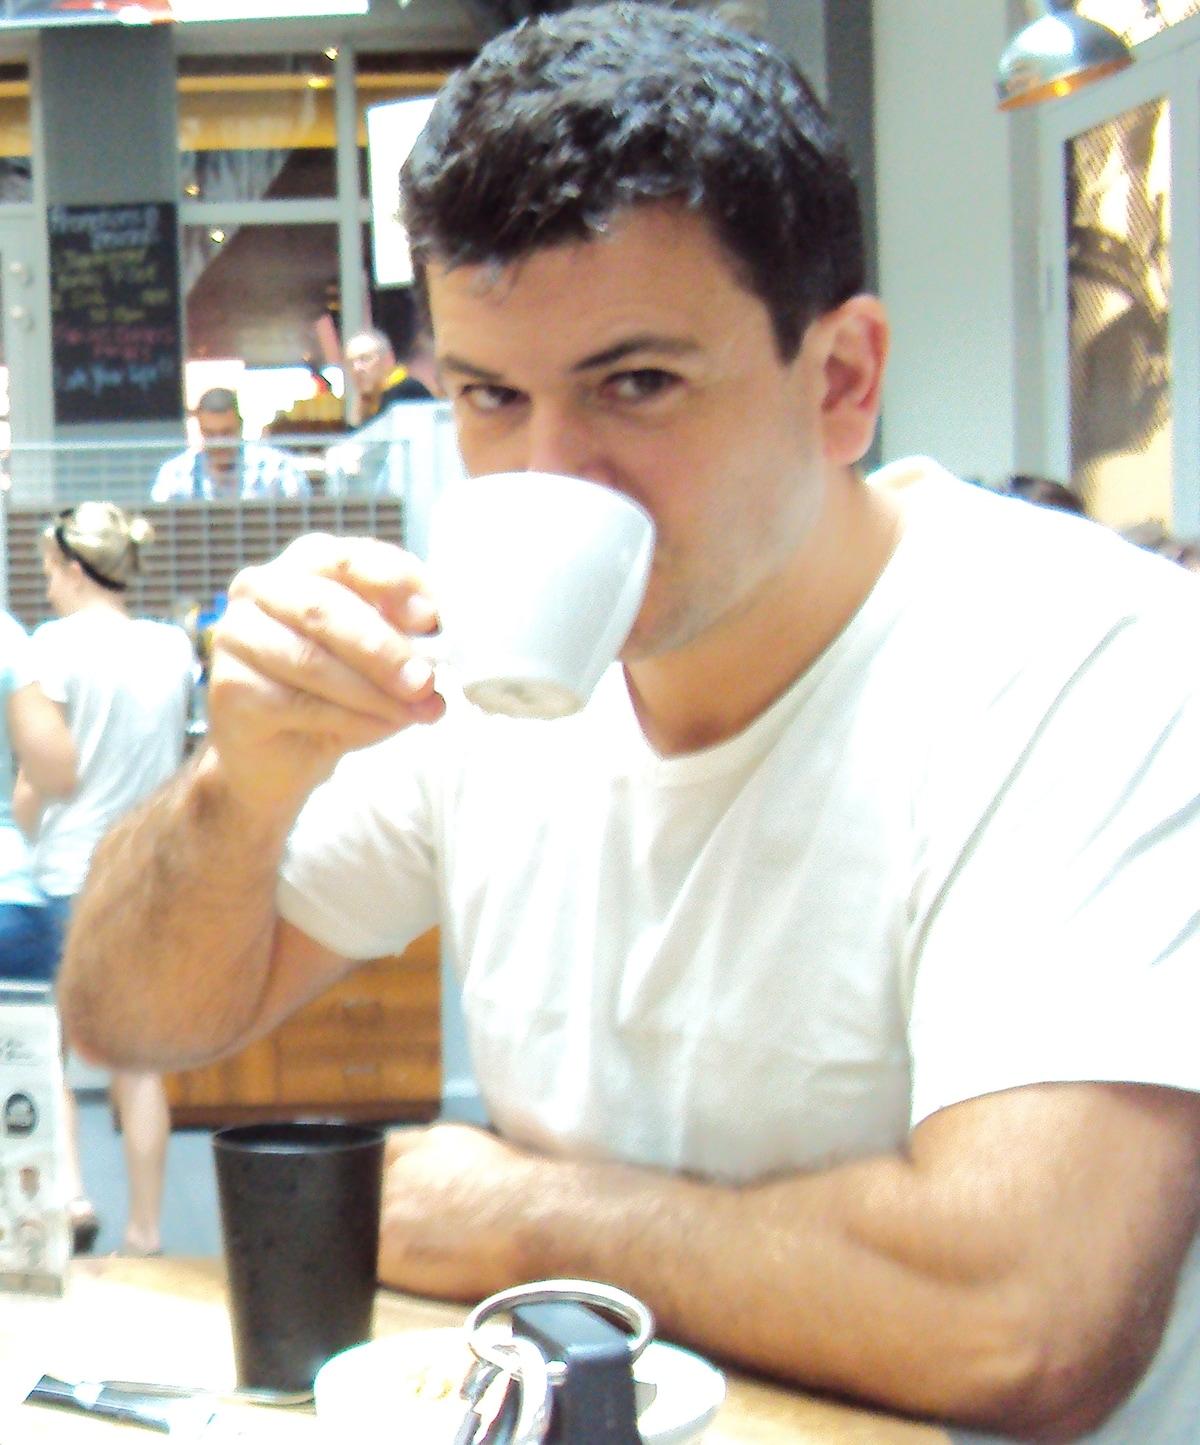 Carlo from Cava de' Tirreni